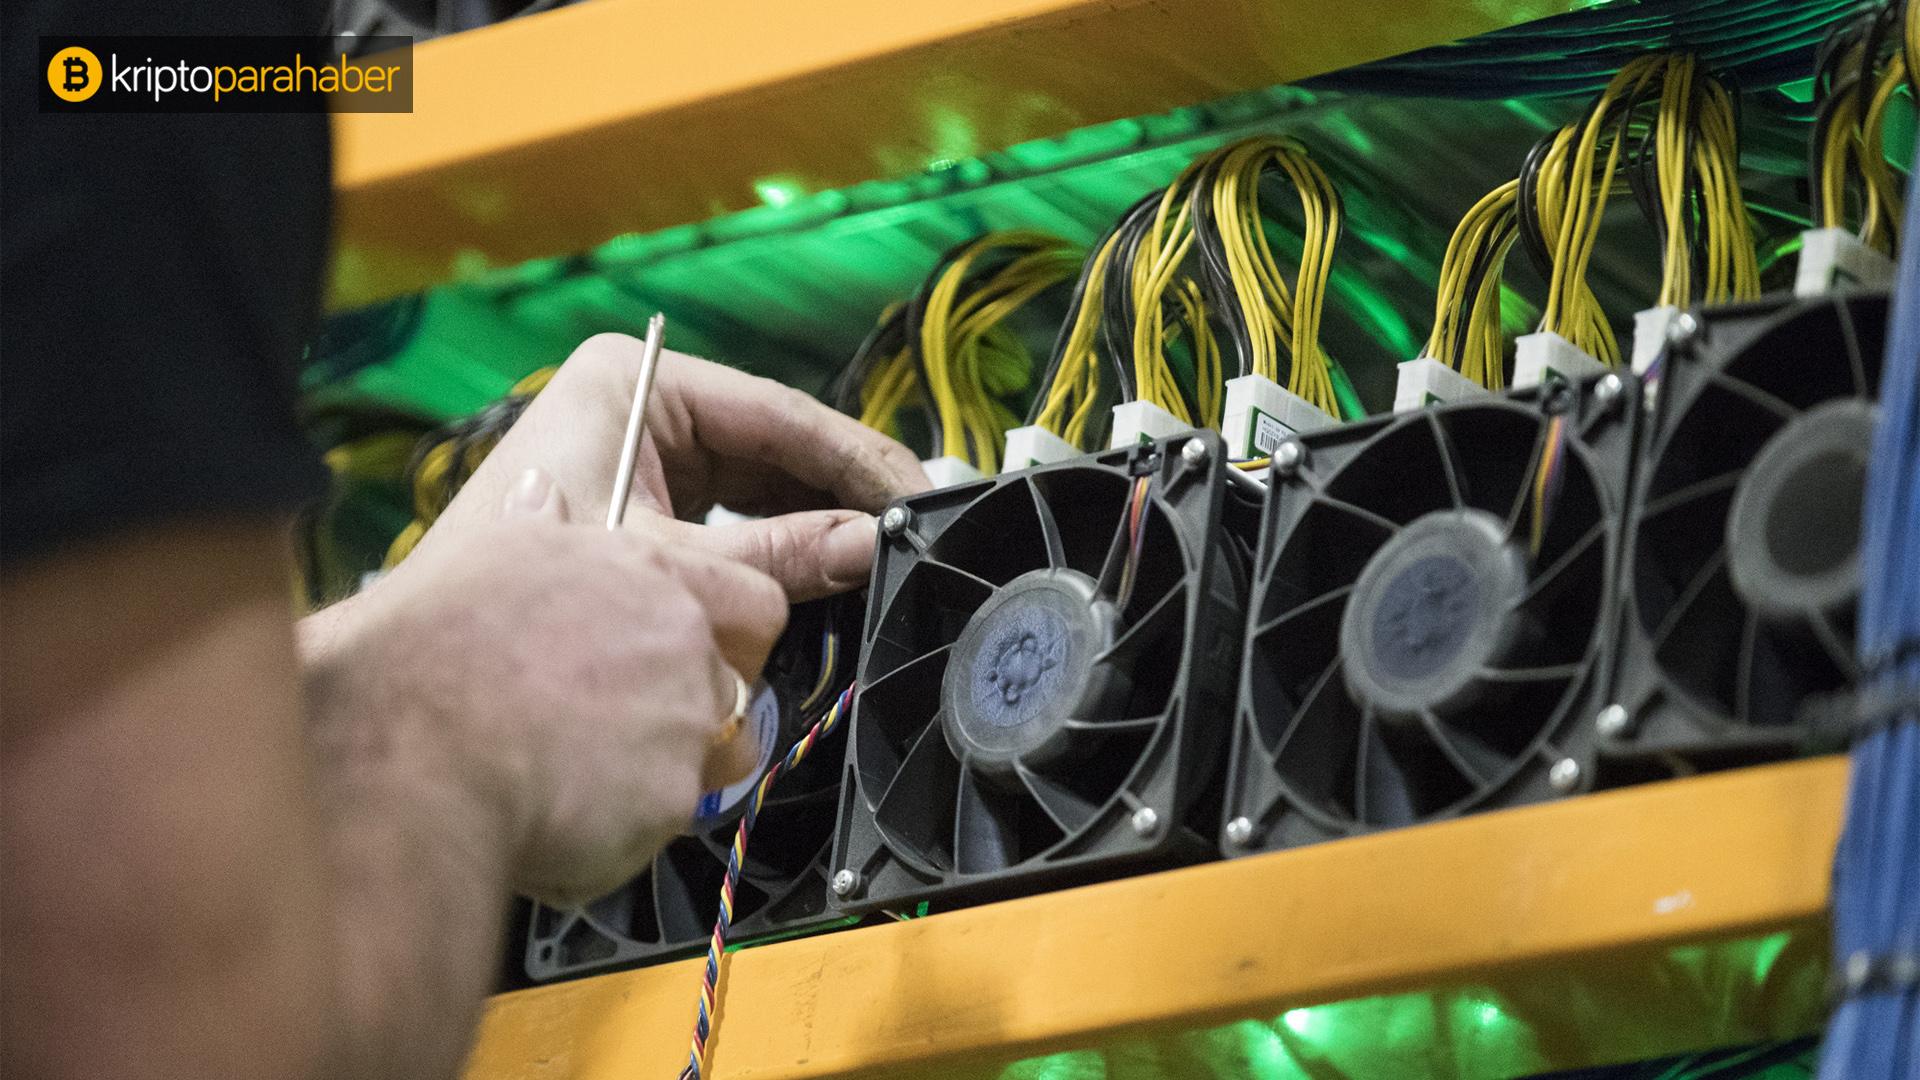 Bitcoin fiyat yükselişi madencilere yaradı: Gelirler arttı